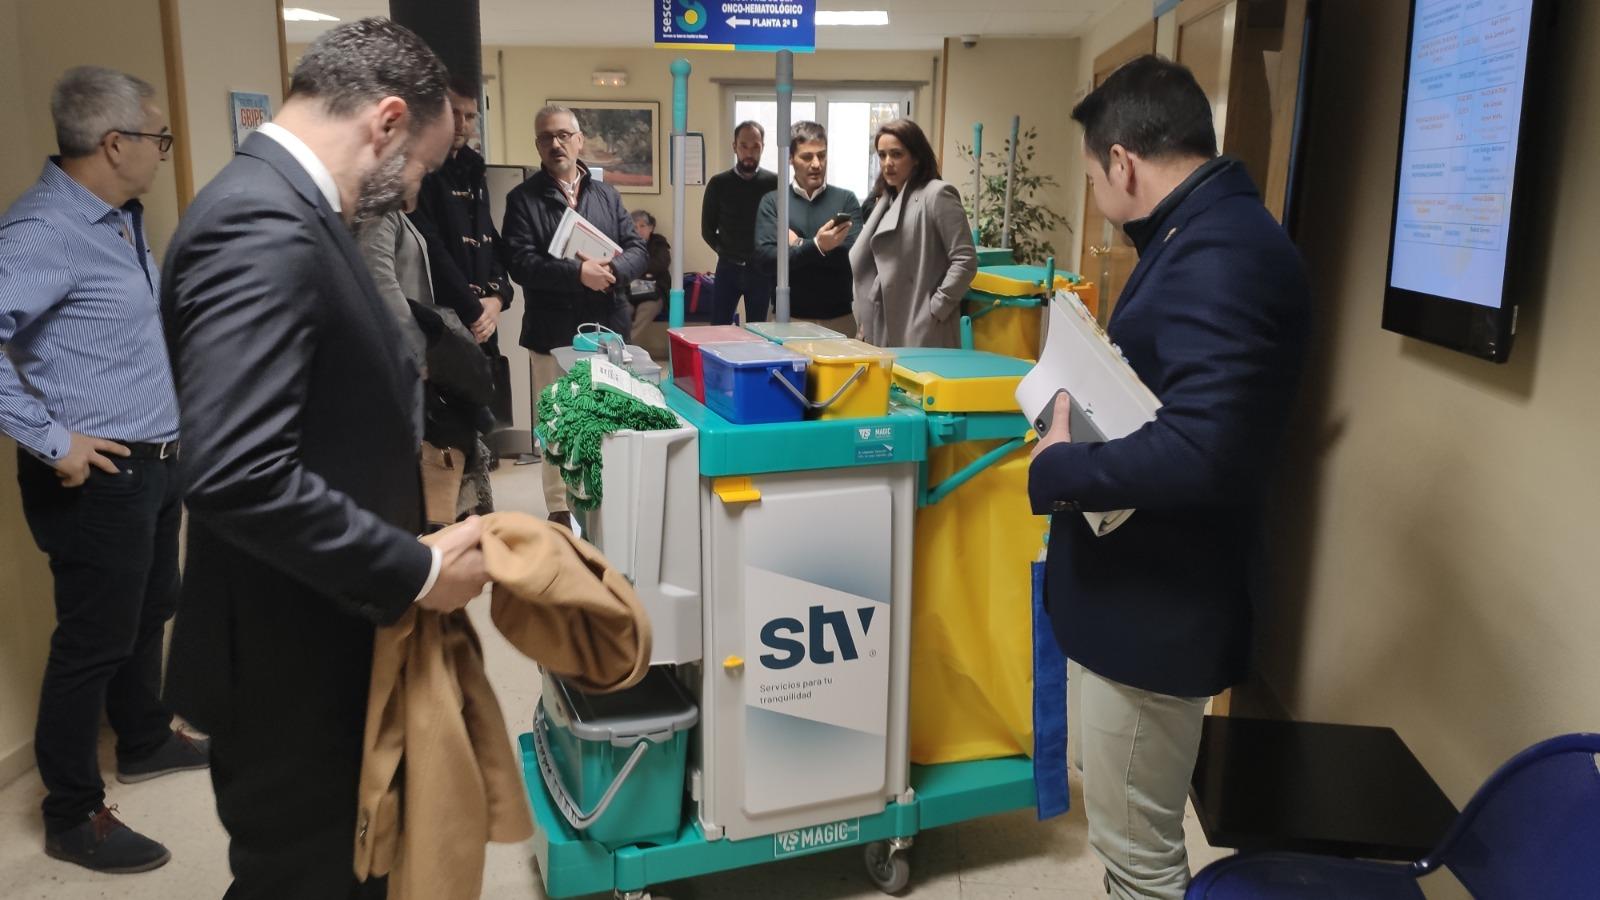 Cuenca limpieza sanitaria STV Gestión